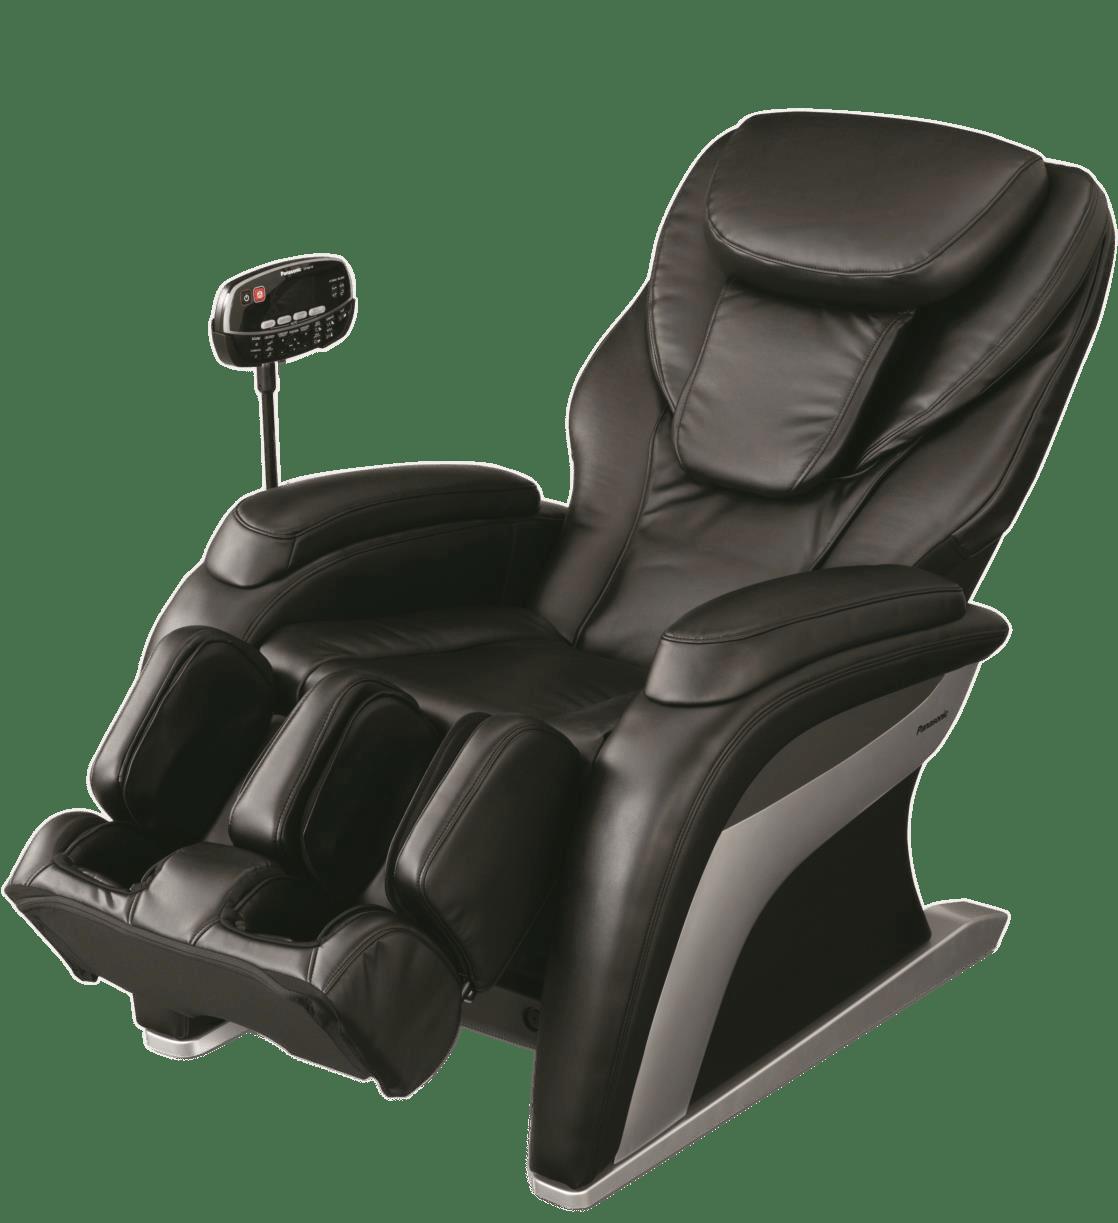 elegantes Design und bewährte Panasonic Qualität - vom Marktführer - massagesessel.at